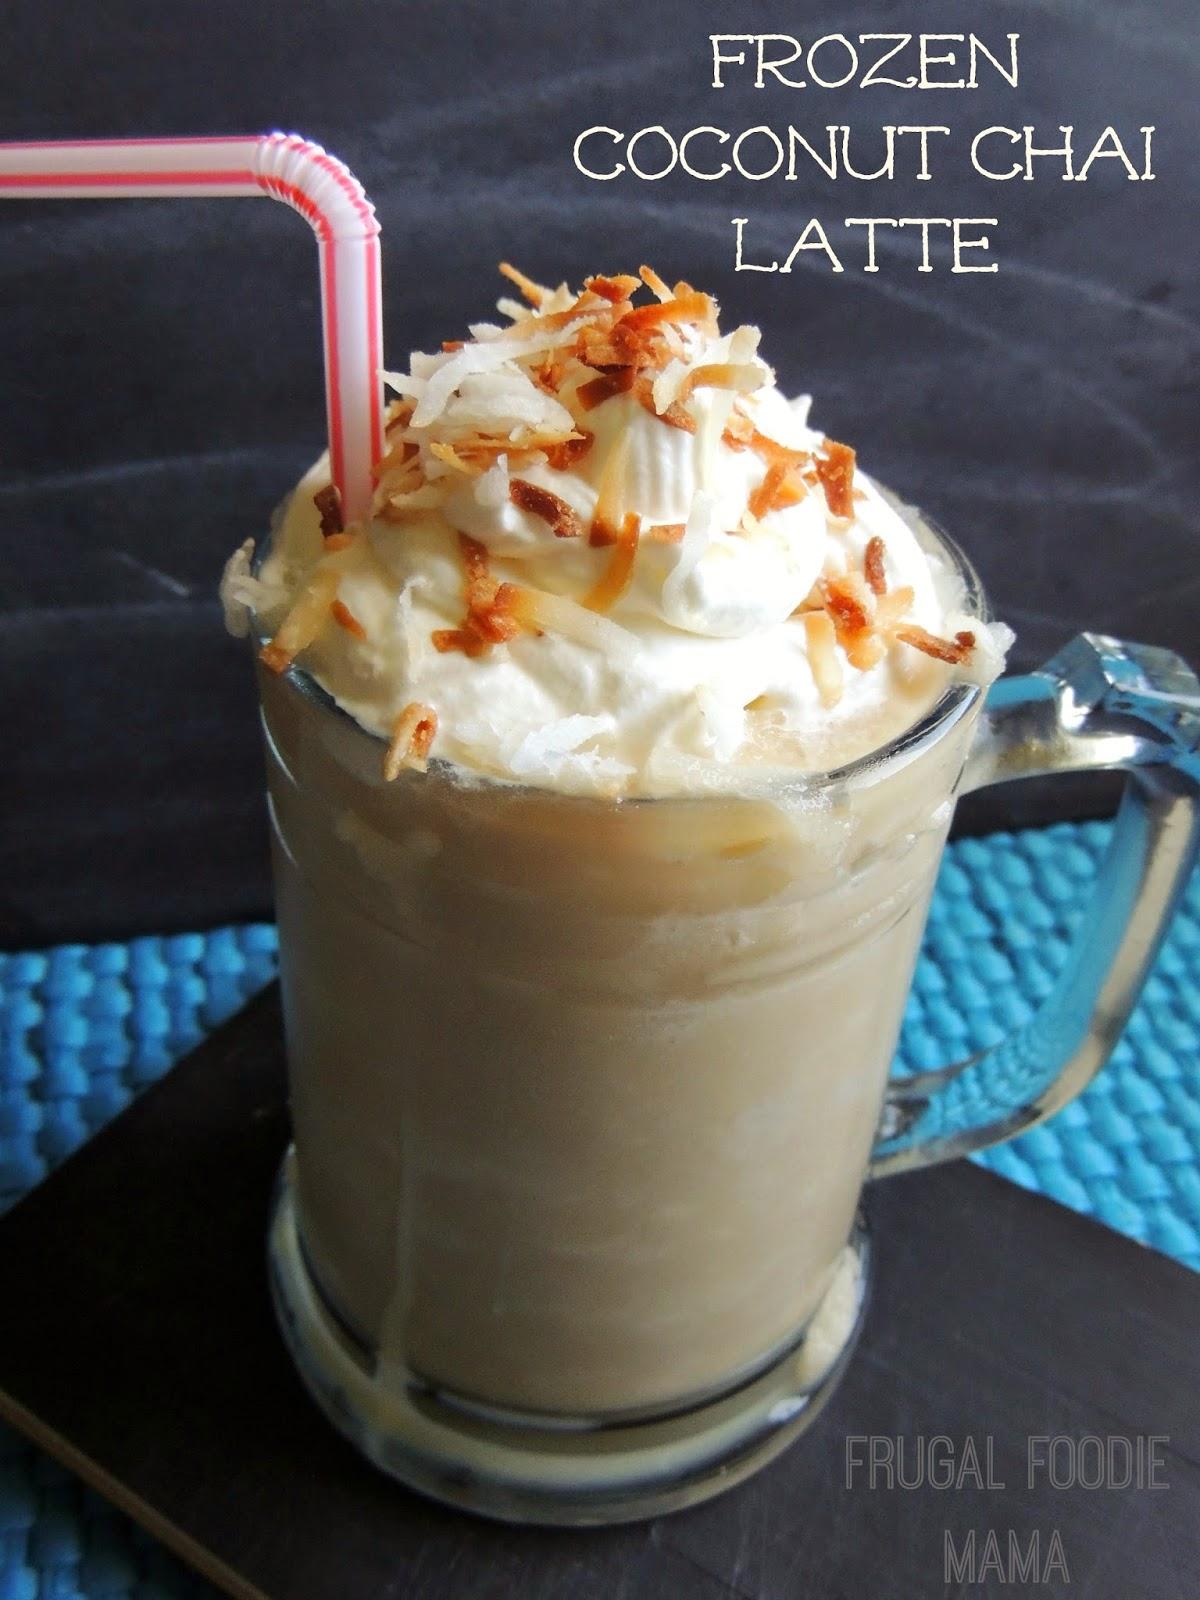 Frozen Coconut Chai Latte